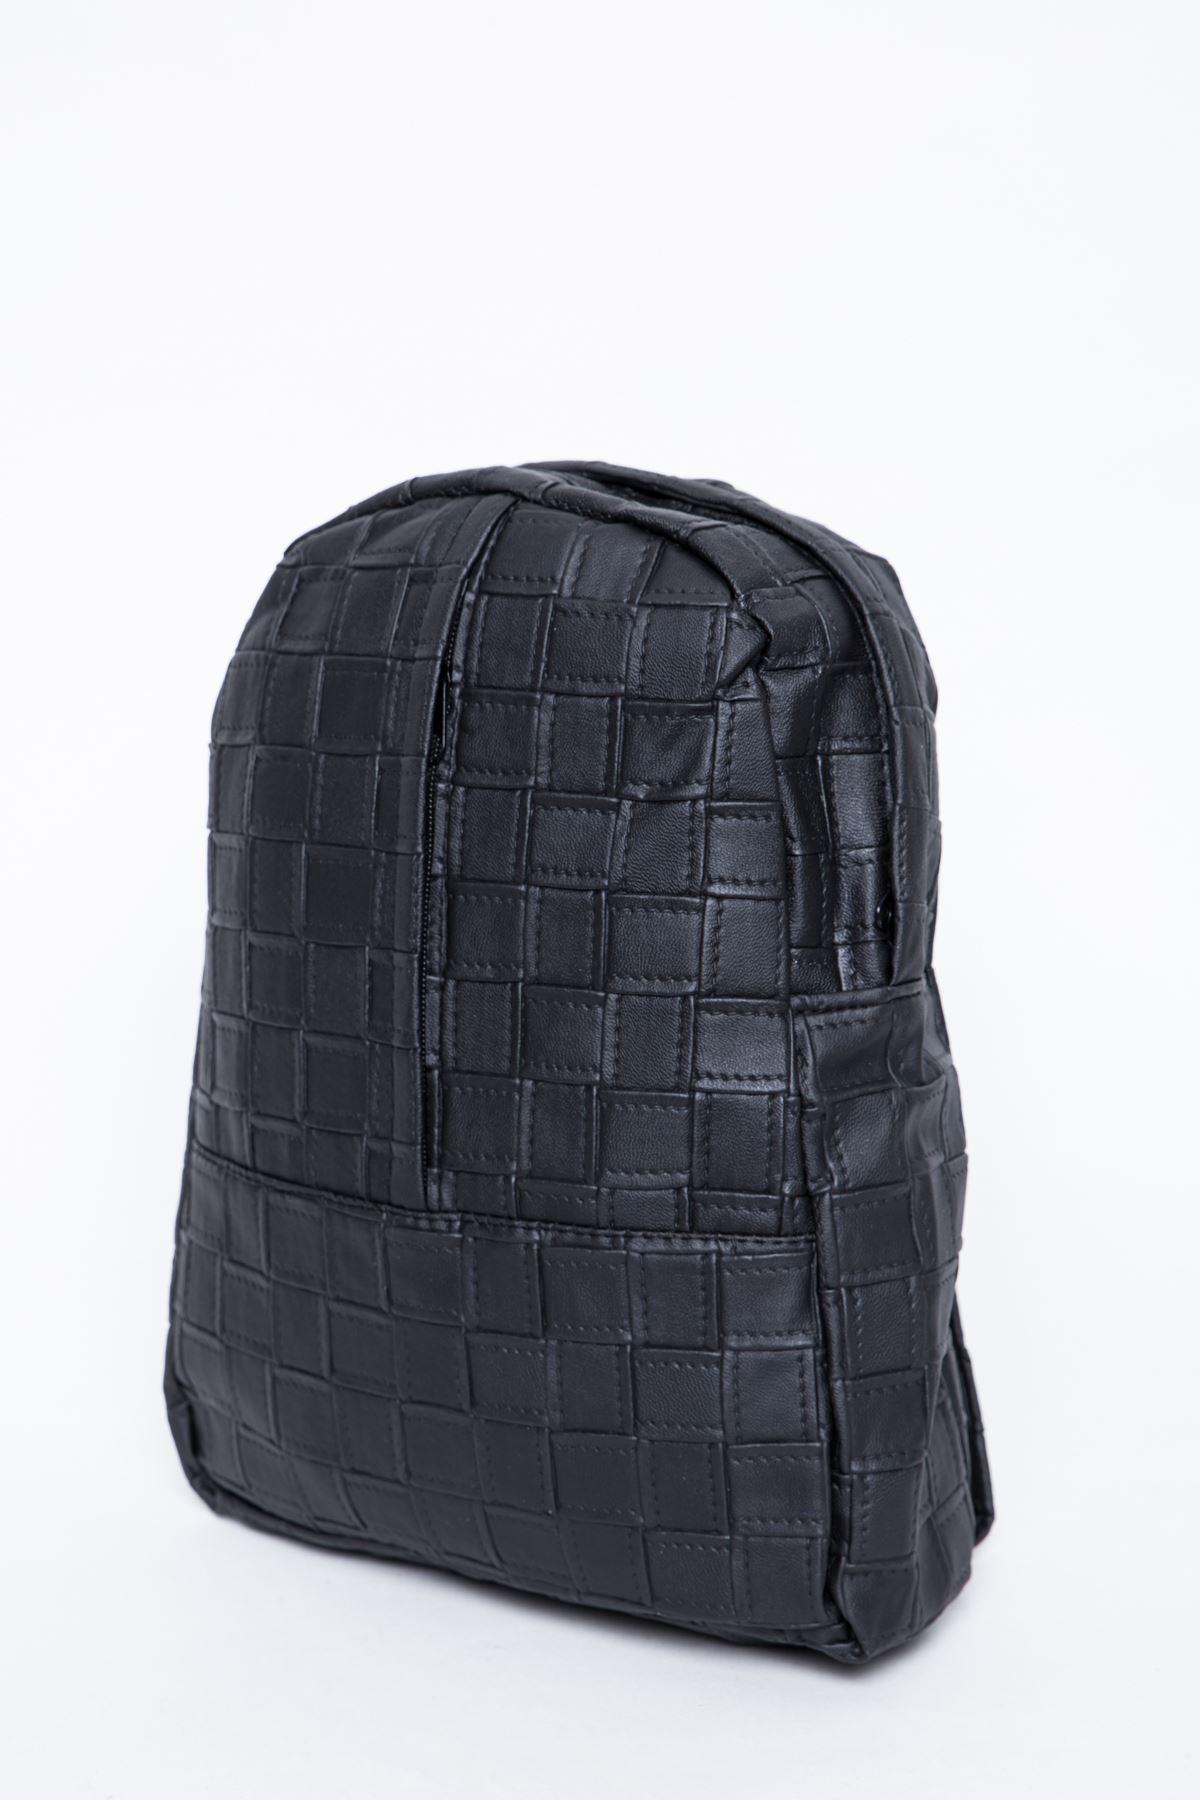 حقيبة مربعه جلدية لون اسود للظهر